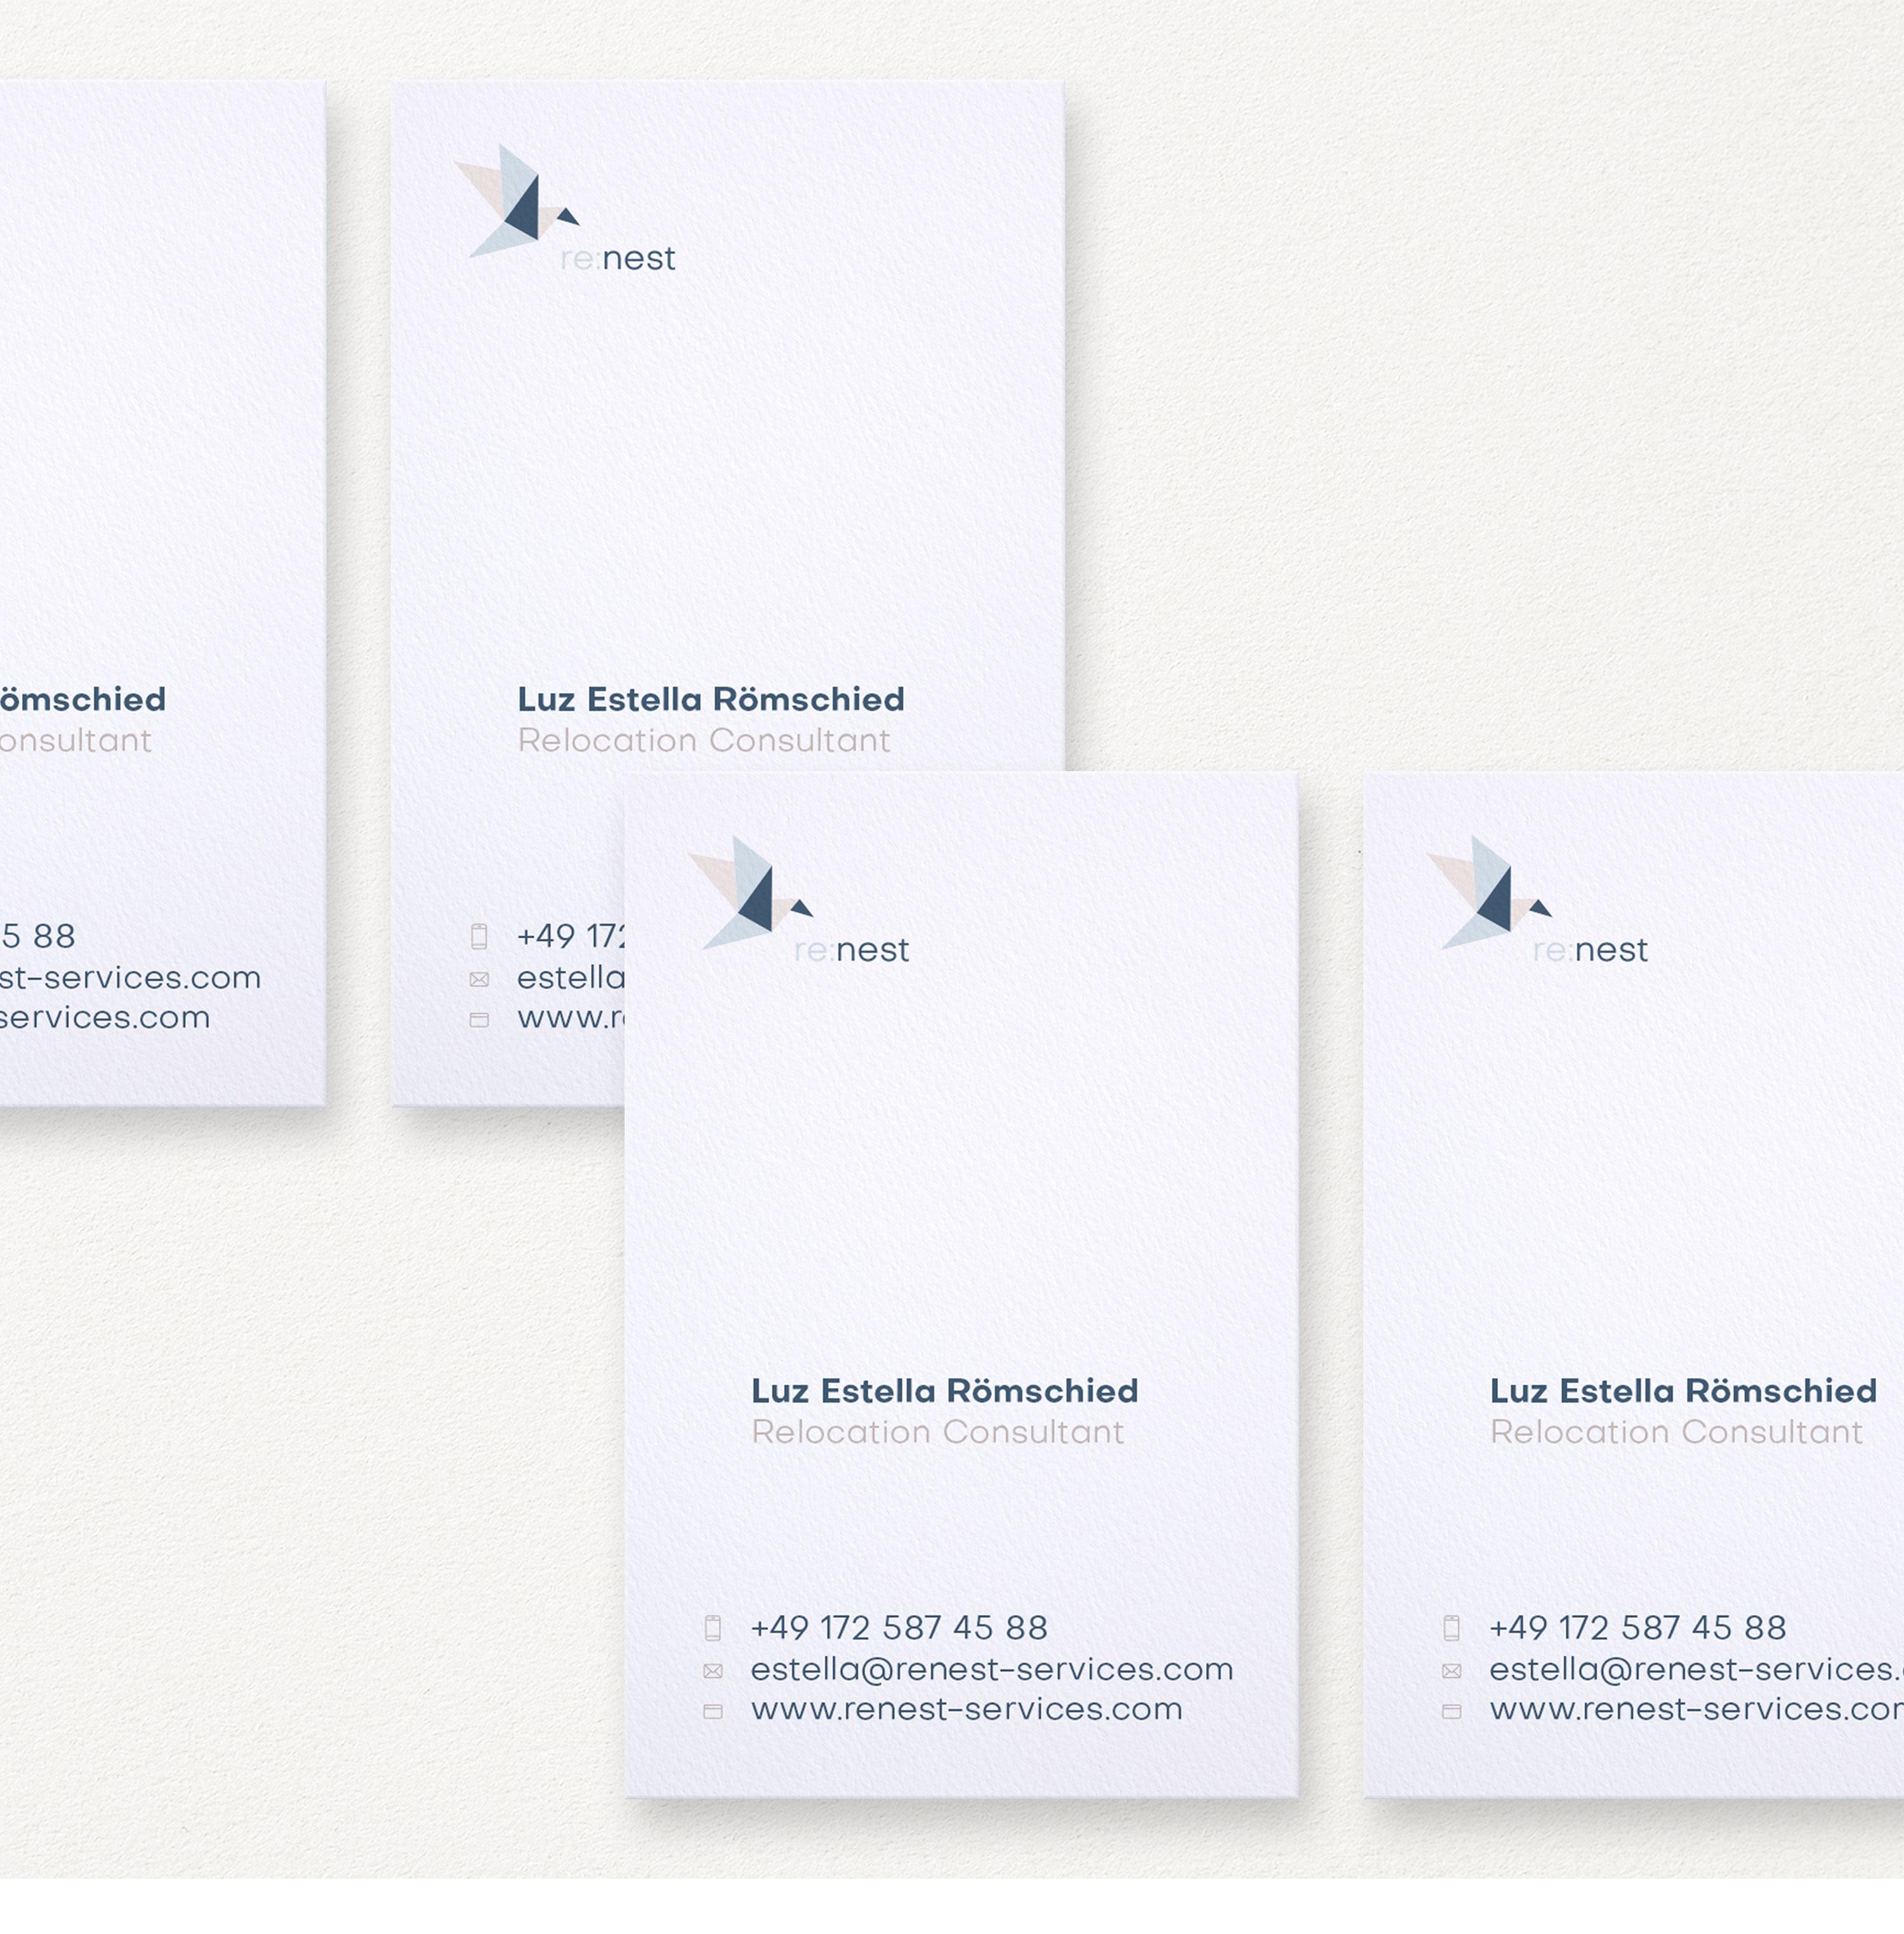 06-blockundstift-design-website-branding-logo-corporate-brand-design-renest-visitenkarten